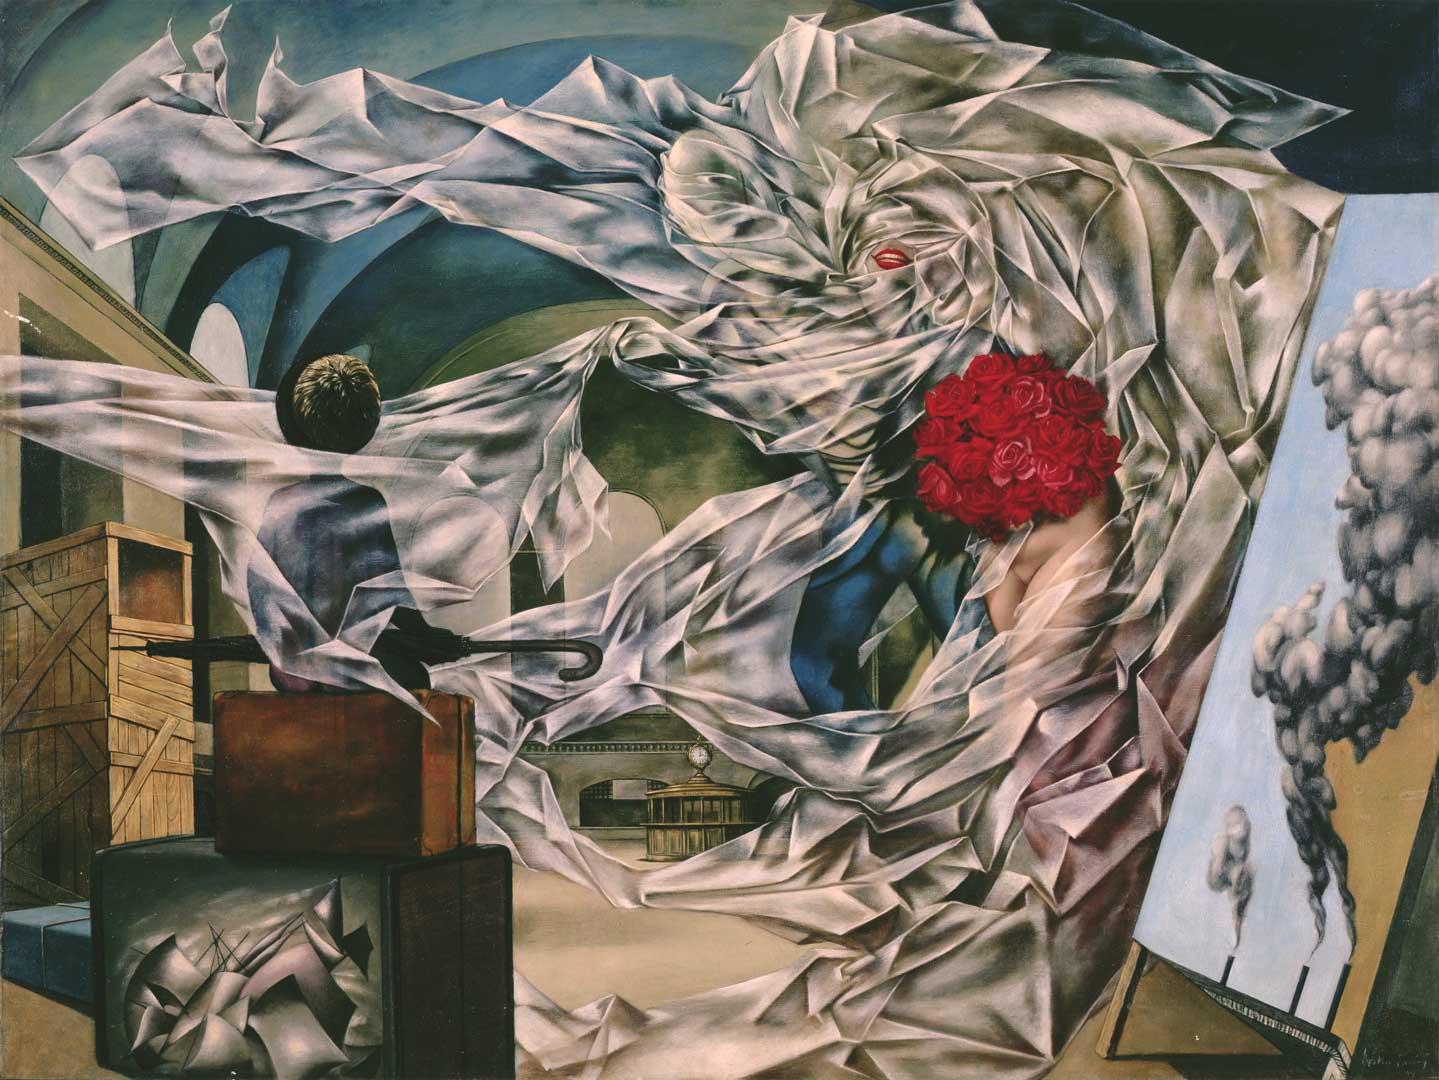 A very Happy Picture - Una Imagen muy Feliz - Cuadro Surrealista pintado por Dorothea Tanning en 1947 - Óleo sobre Lienzo 91 x 122 cm